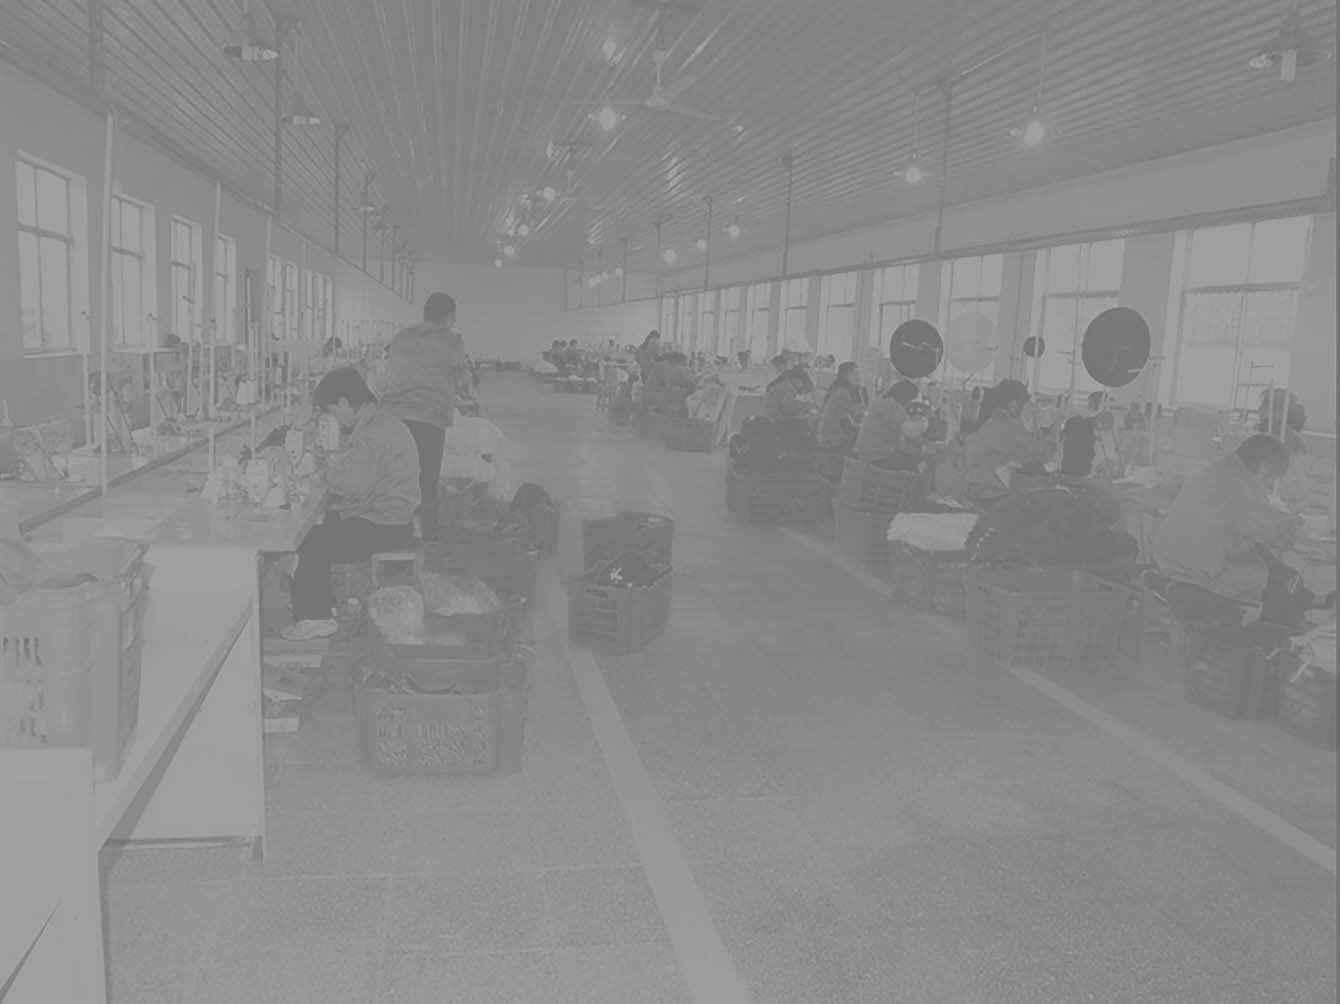 factory - zycaps